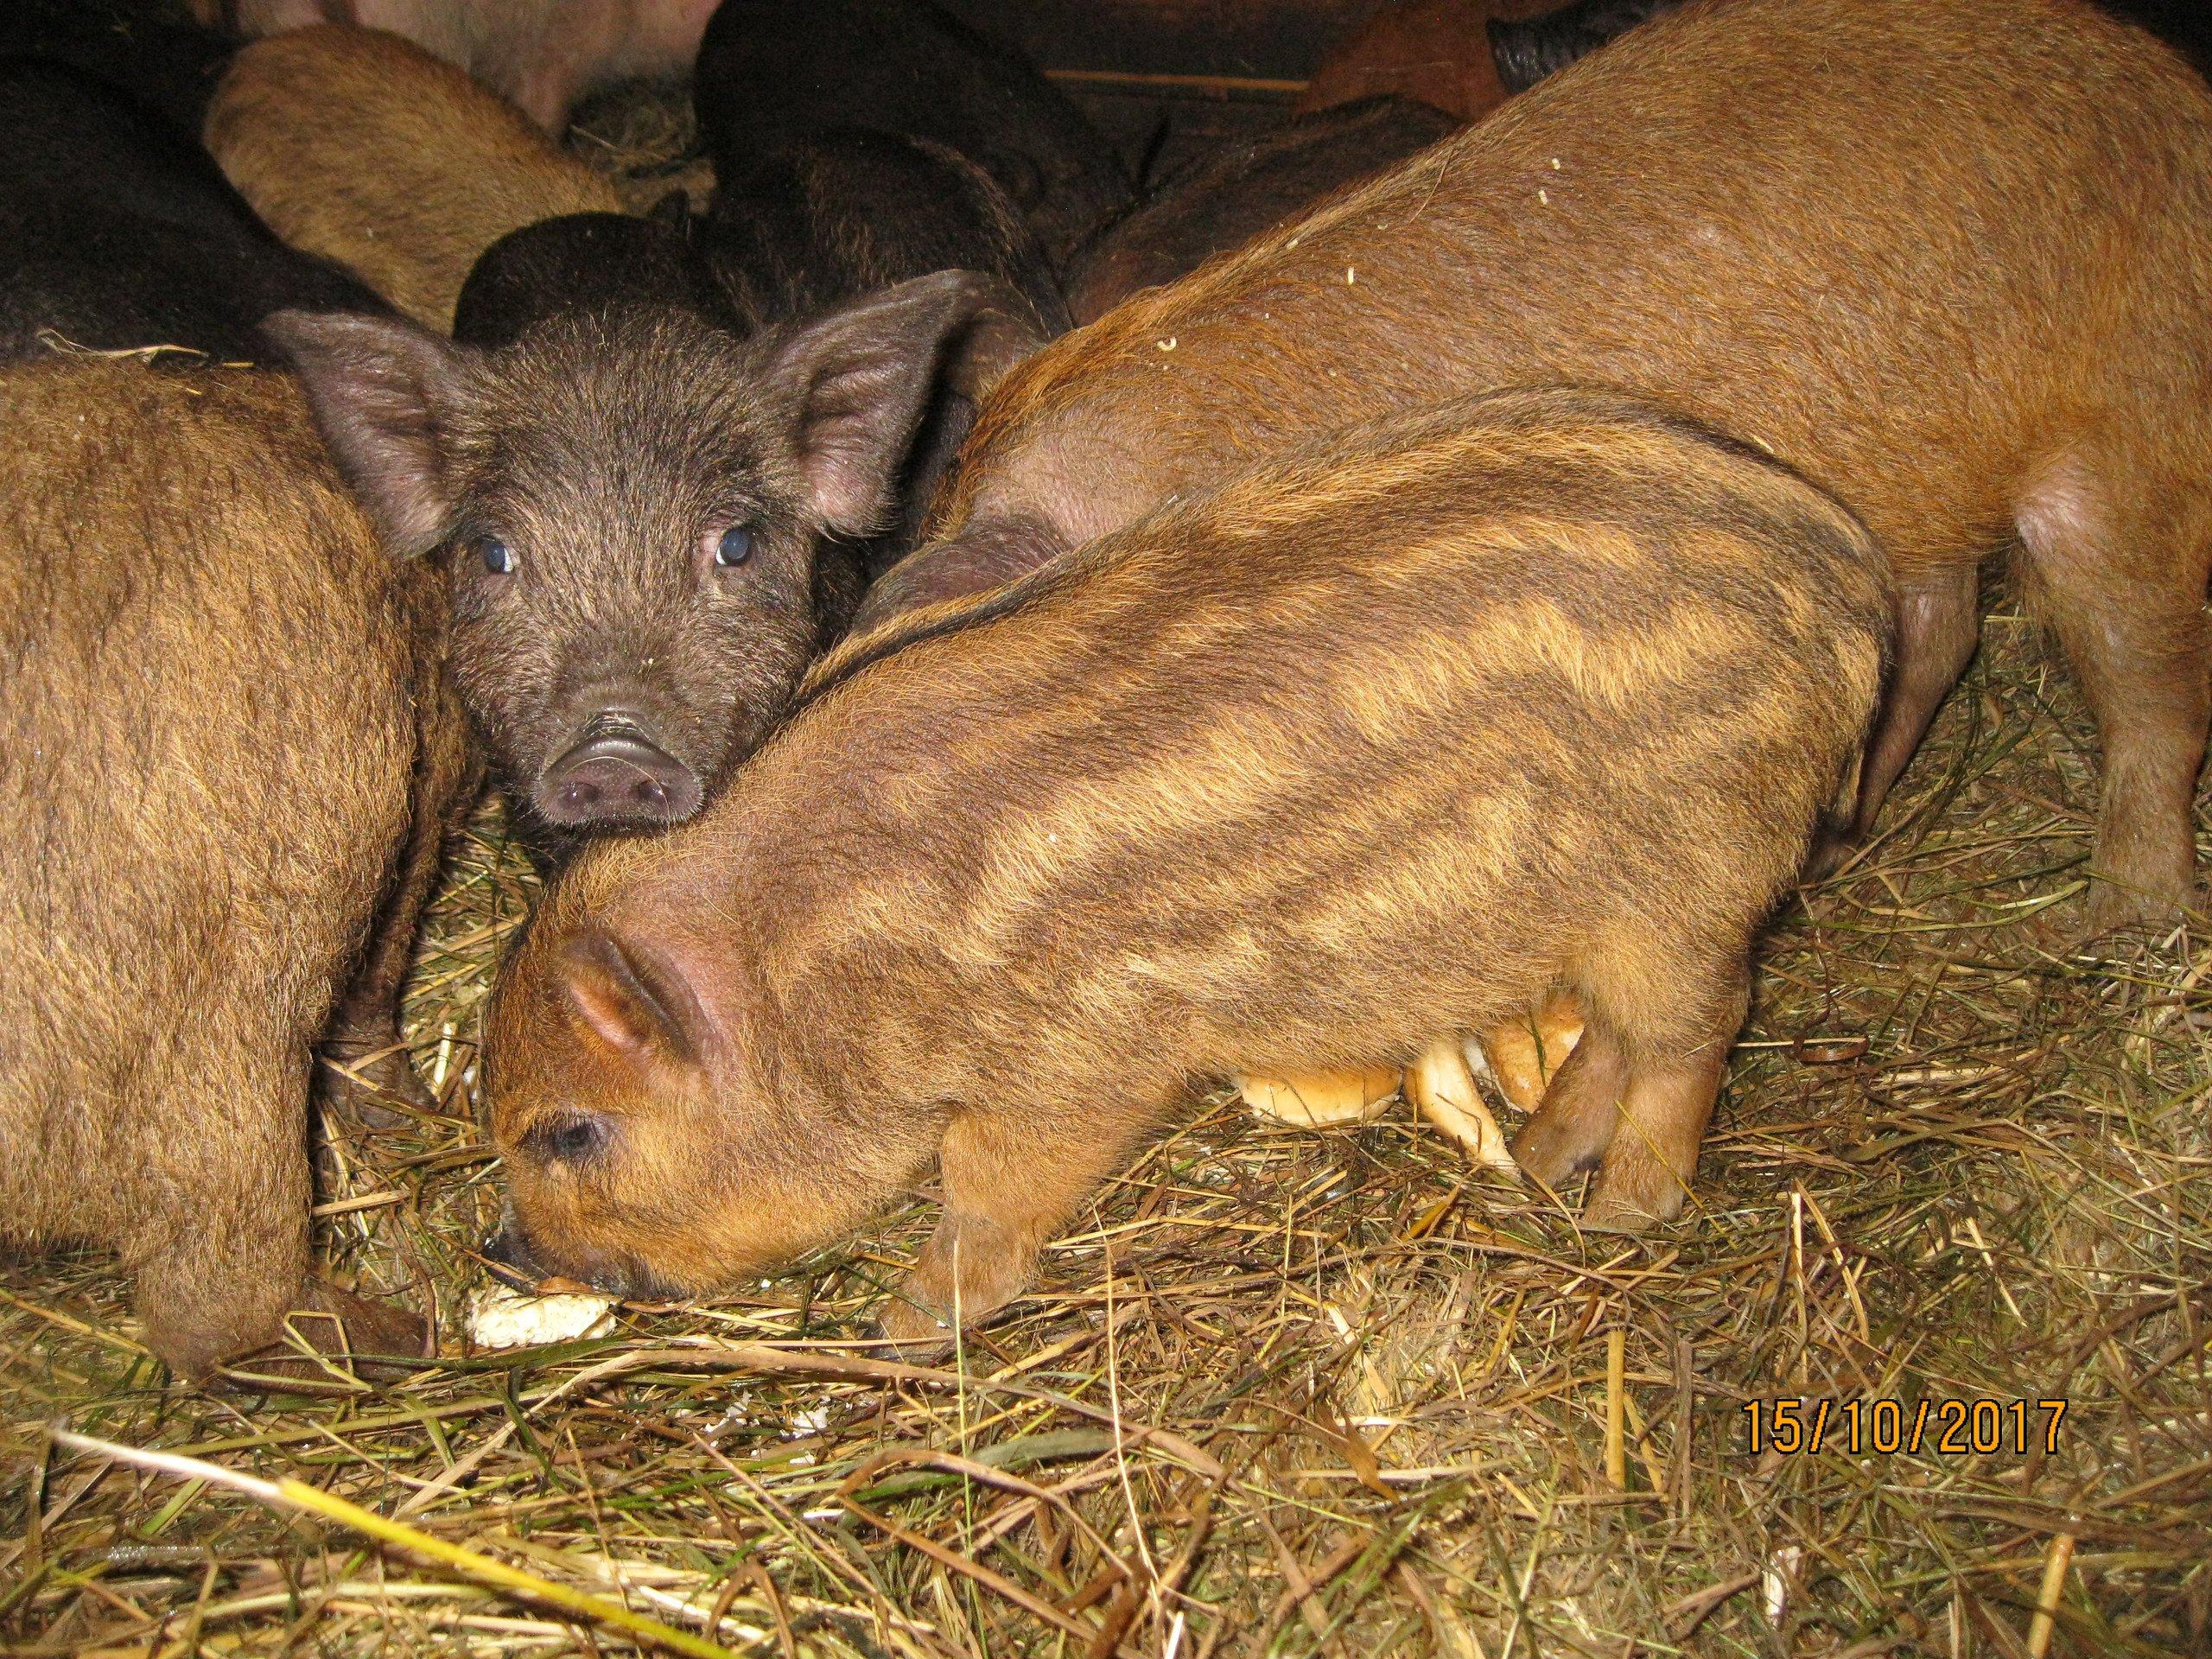 Кармалы: описание породы свиней, продуктивные характеристики